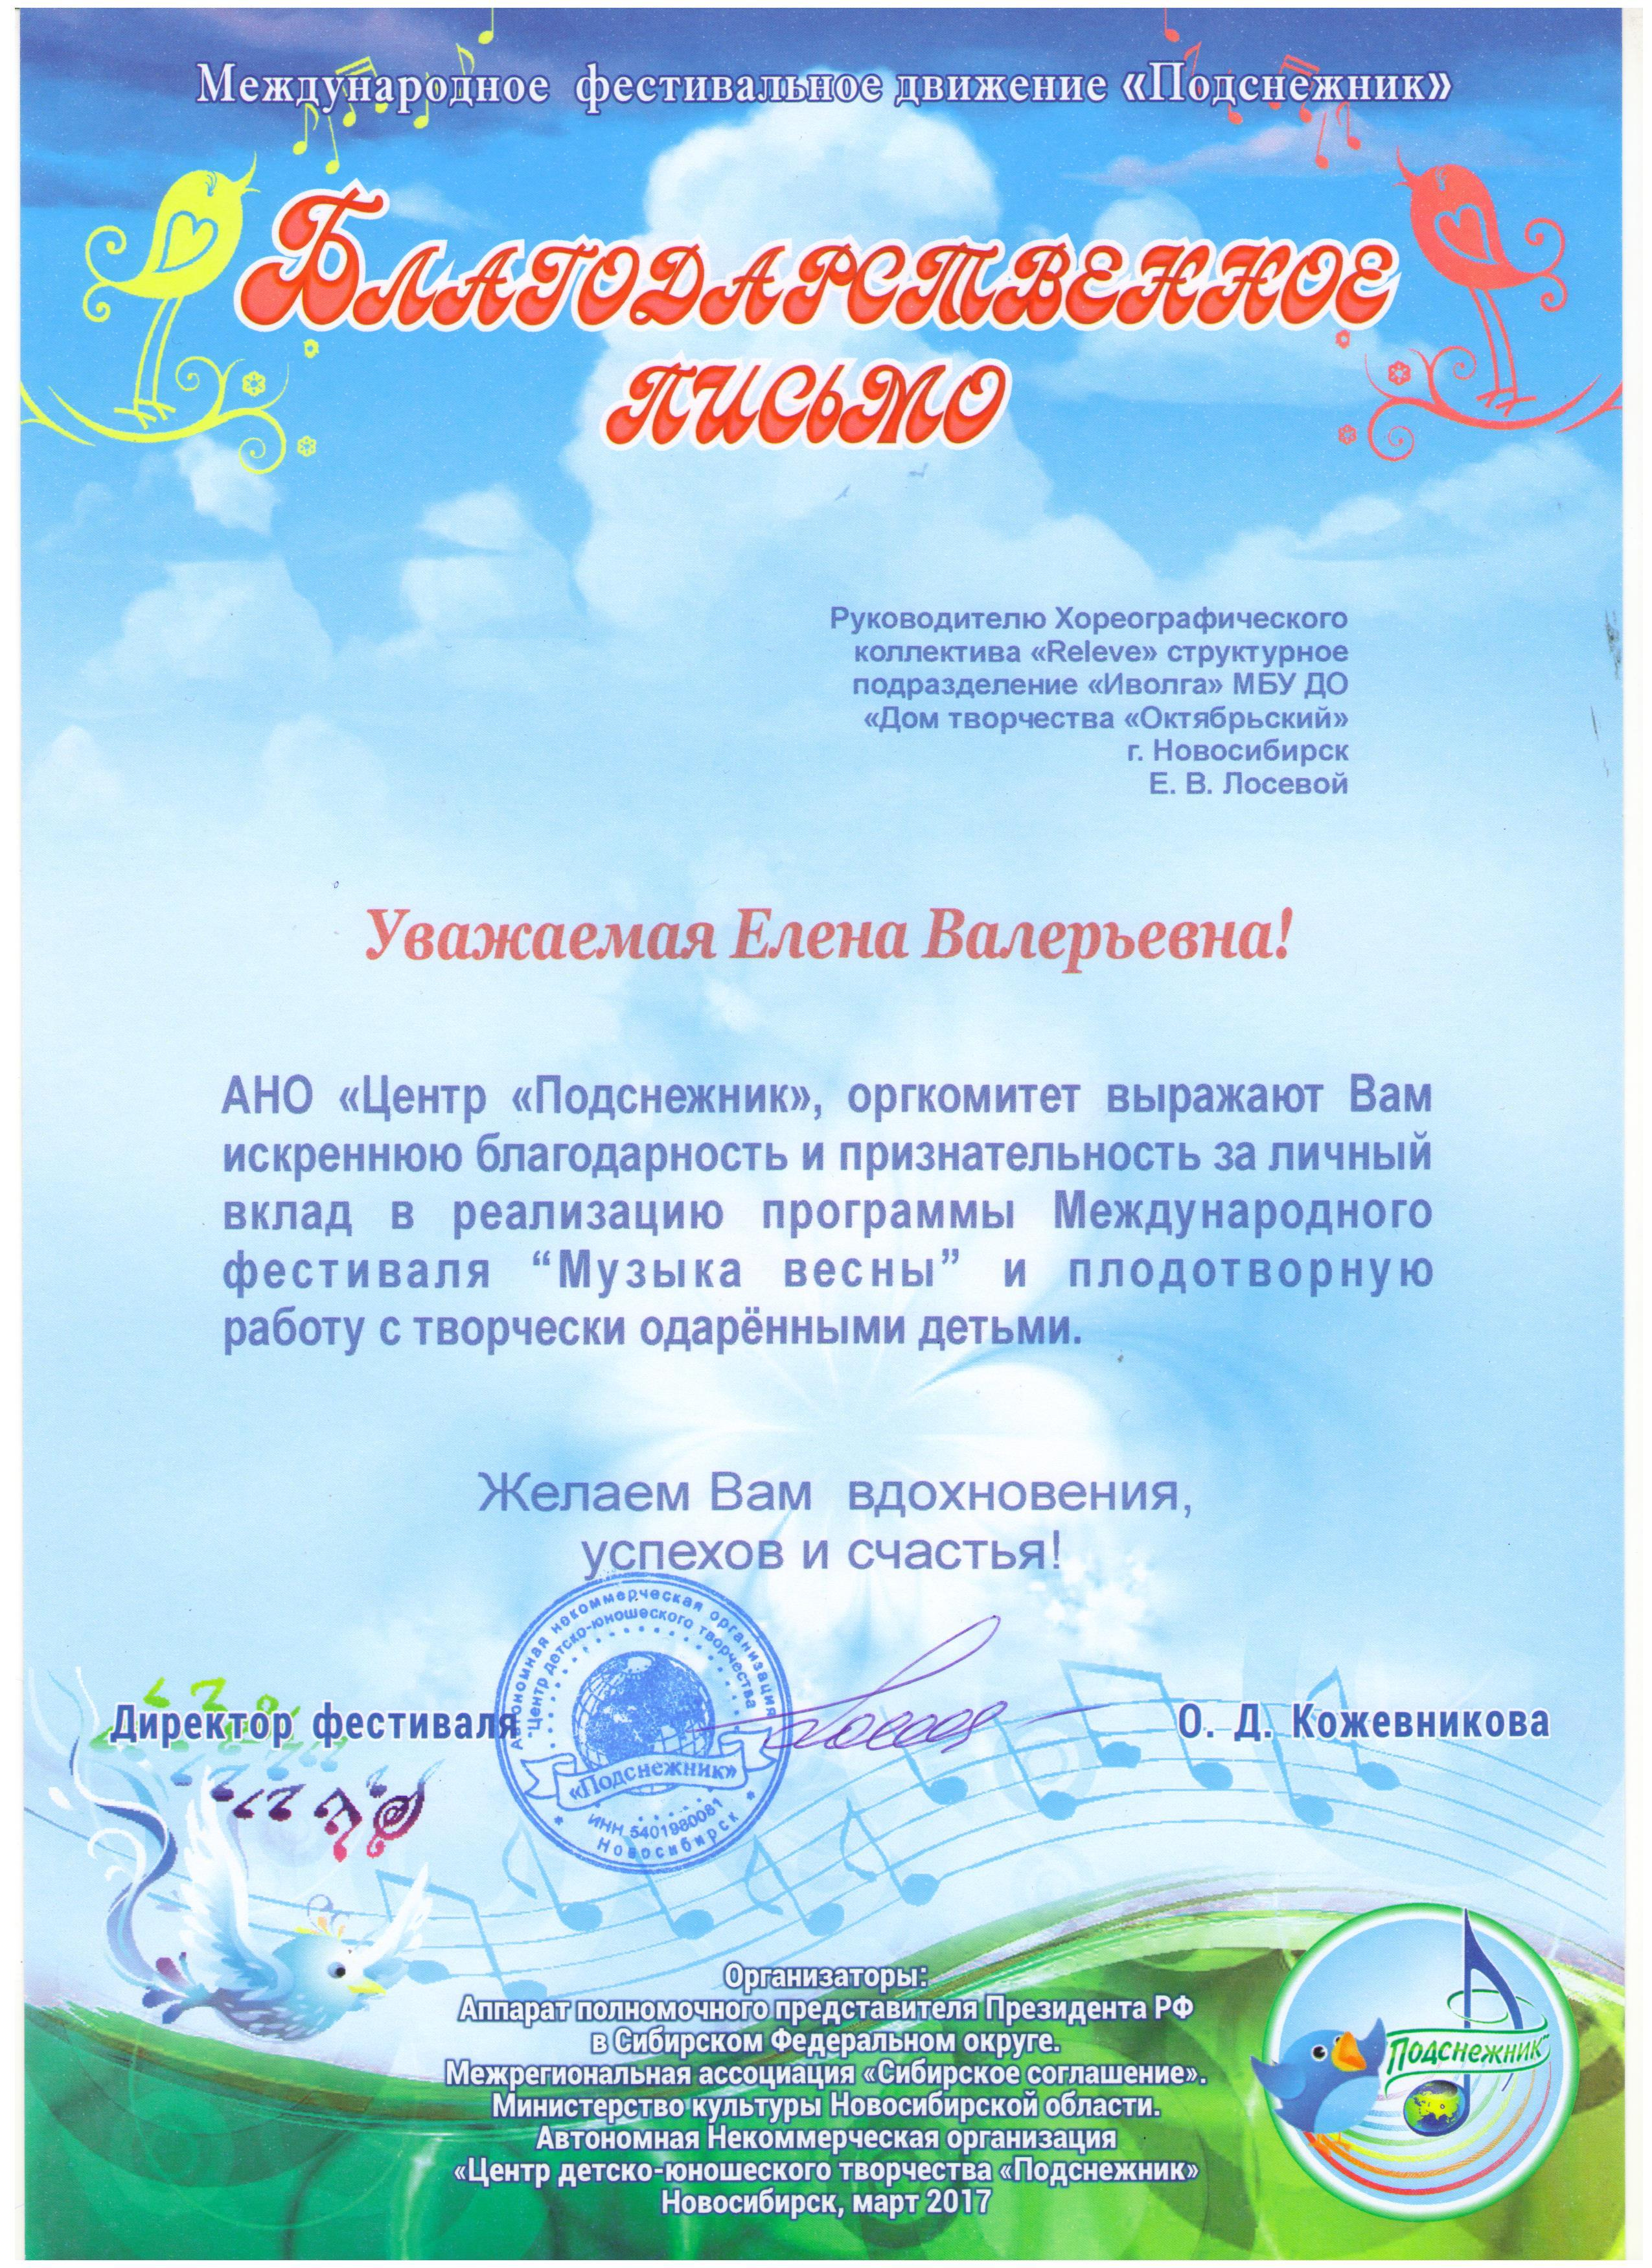 Blagodarstvennoe-Losevoy_30.03.17-001